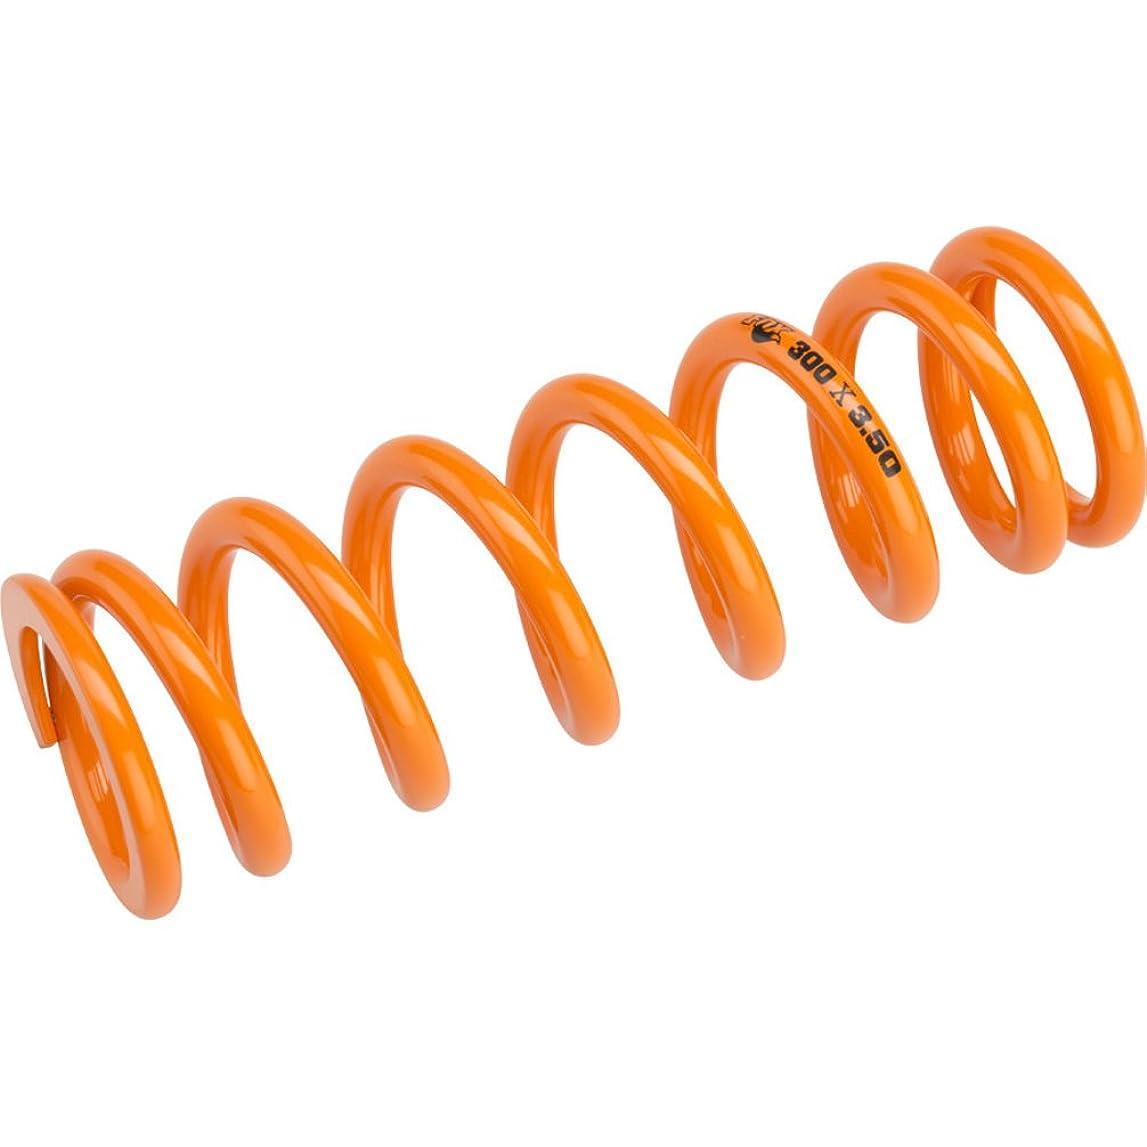 大砲家族エッセンスフォックスSLSコイルリアショックスプリング300lbs X 3.5ストロークオレンジ